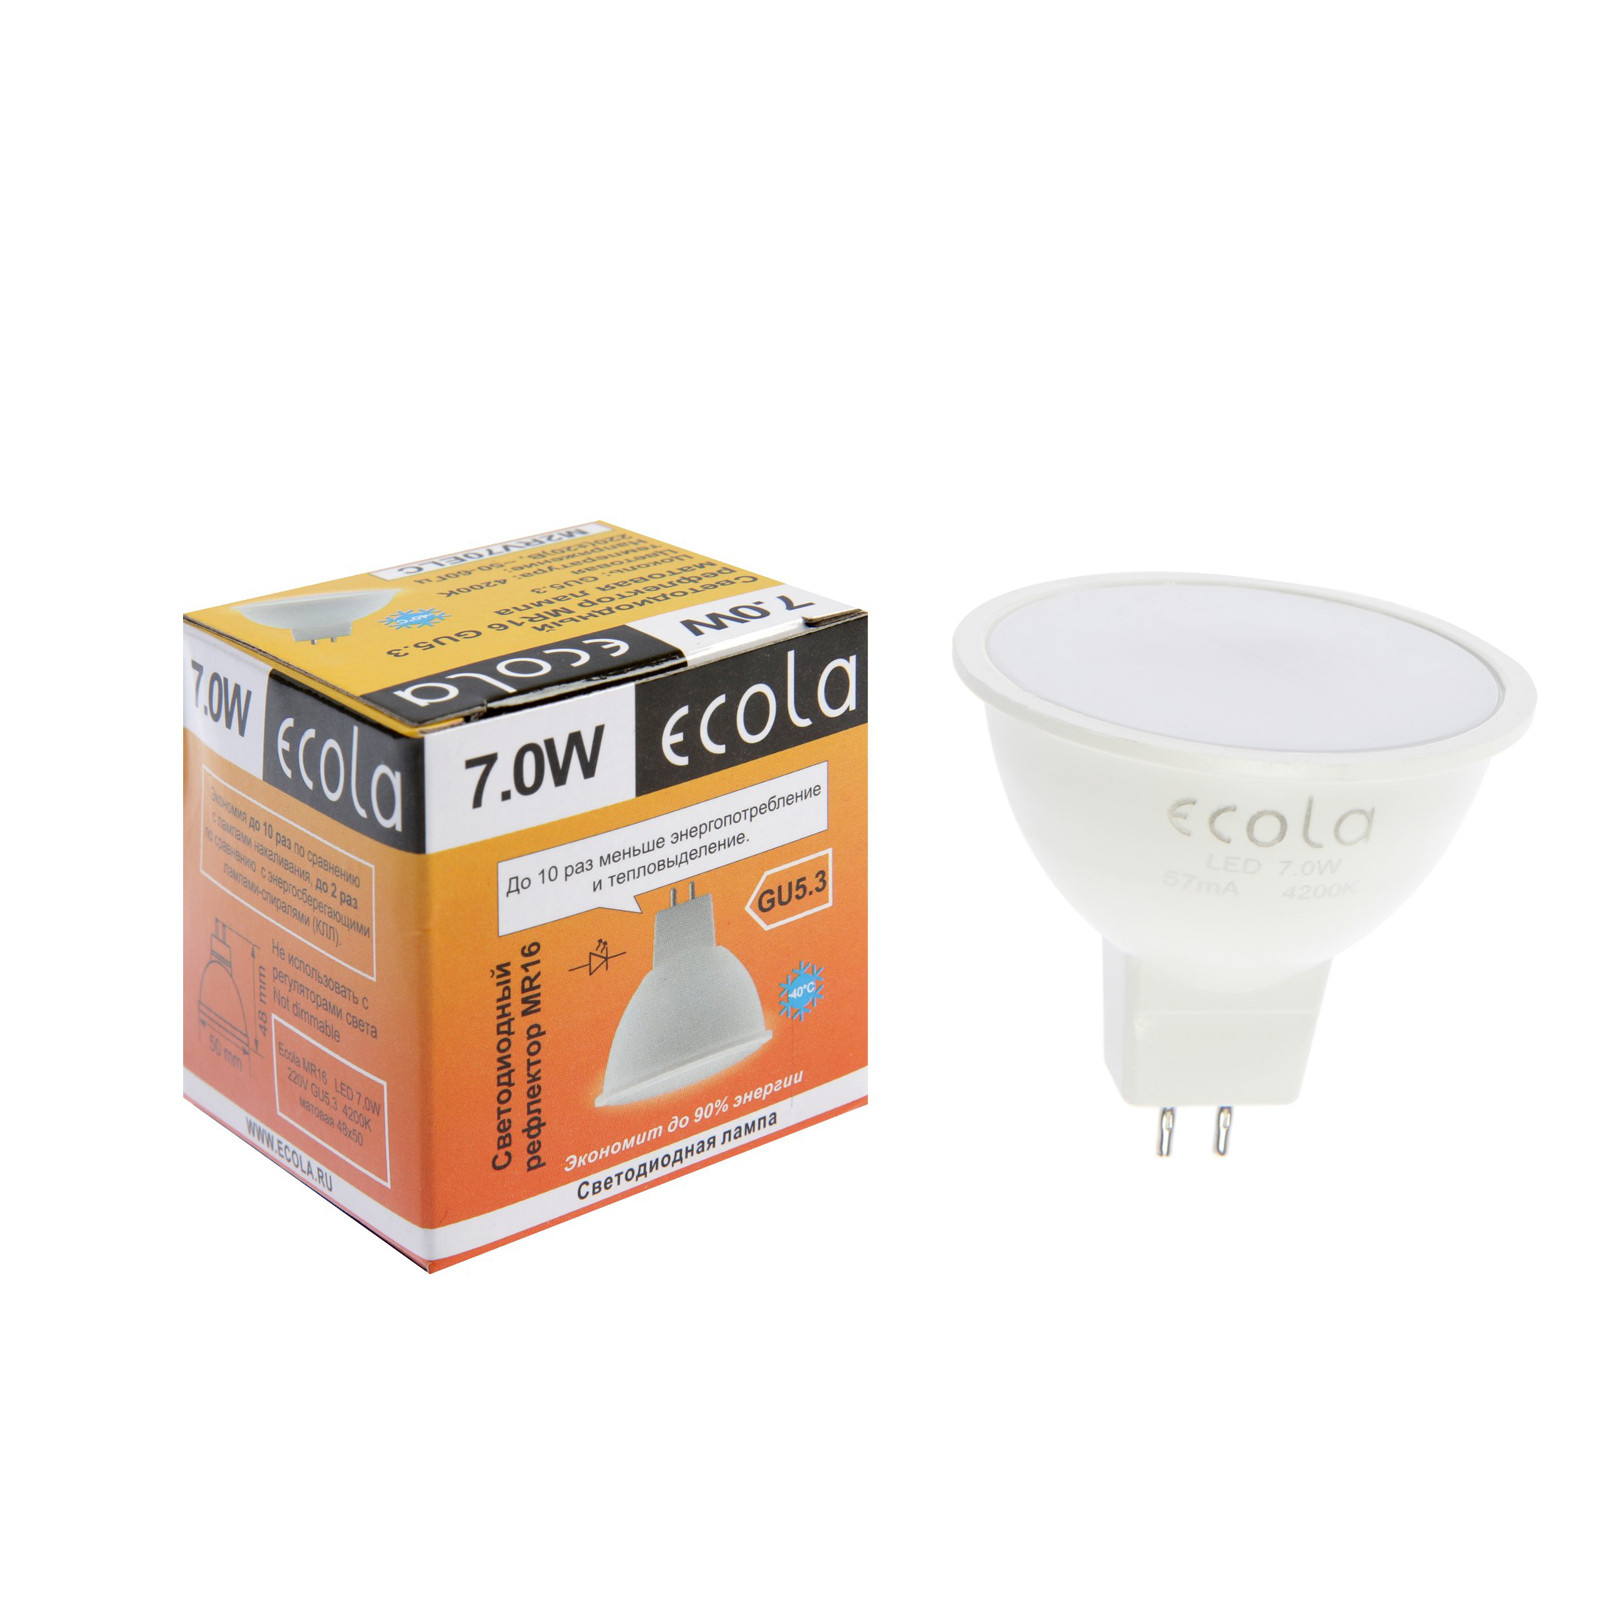 Особенности и характеристики светодиодных ламп экола